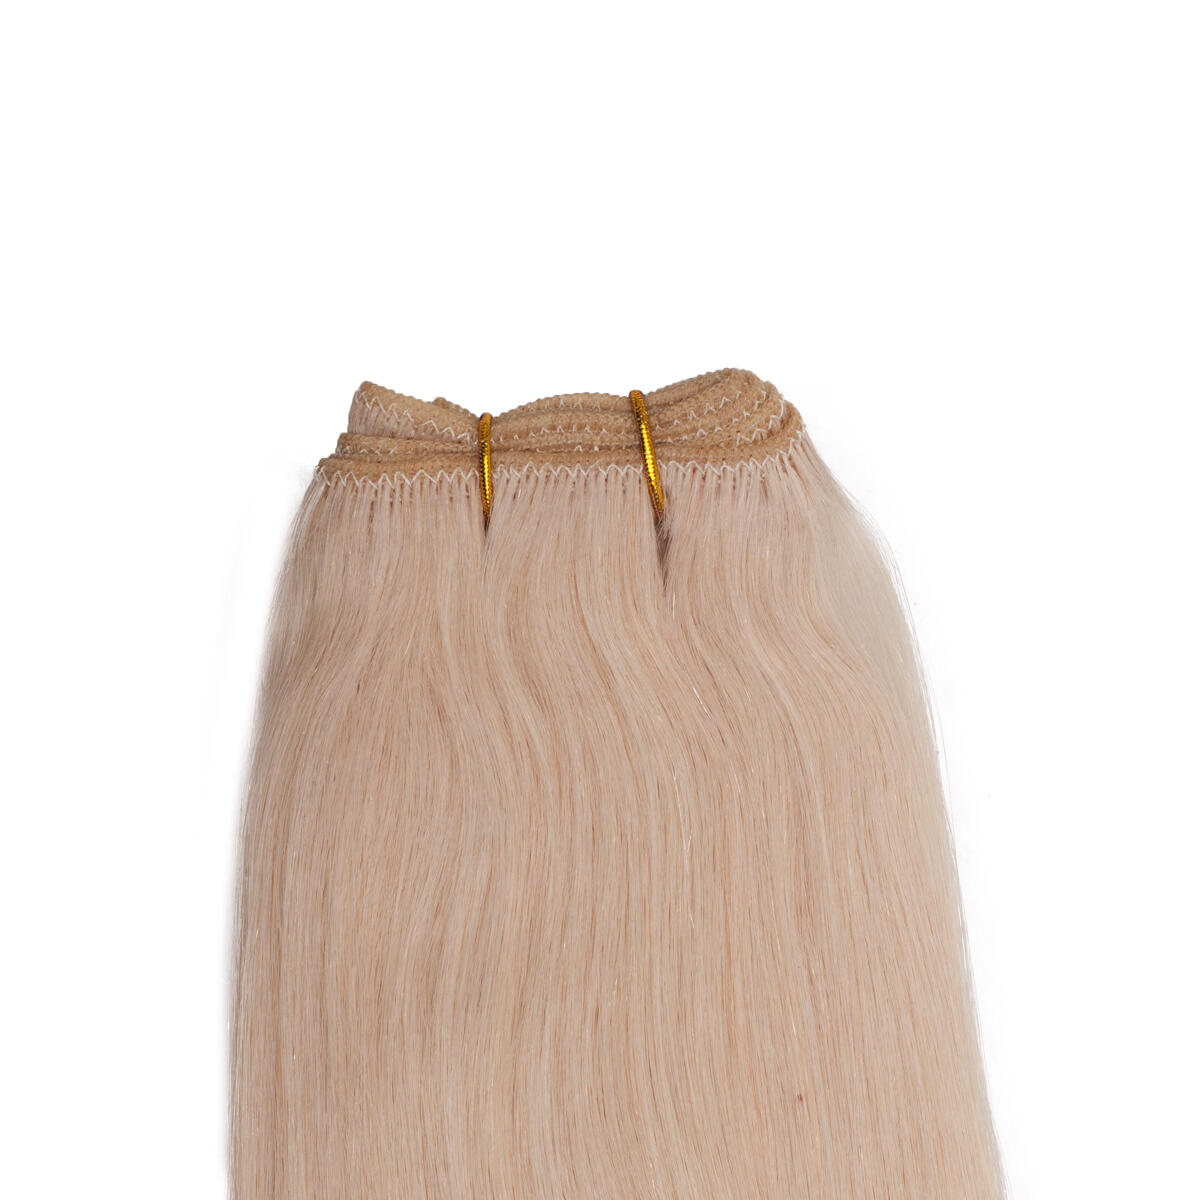 Hair Weft 10.8 Light Blonde 50 cm